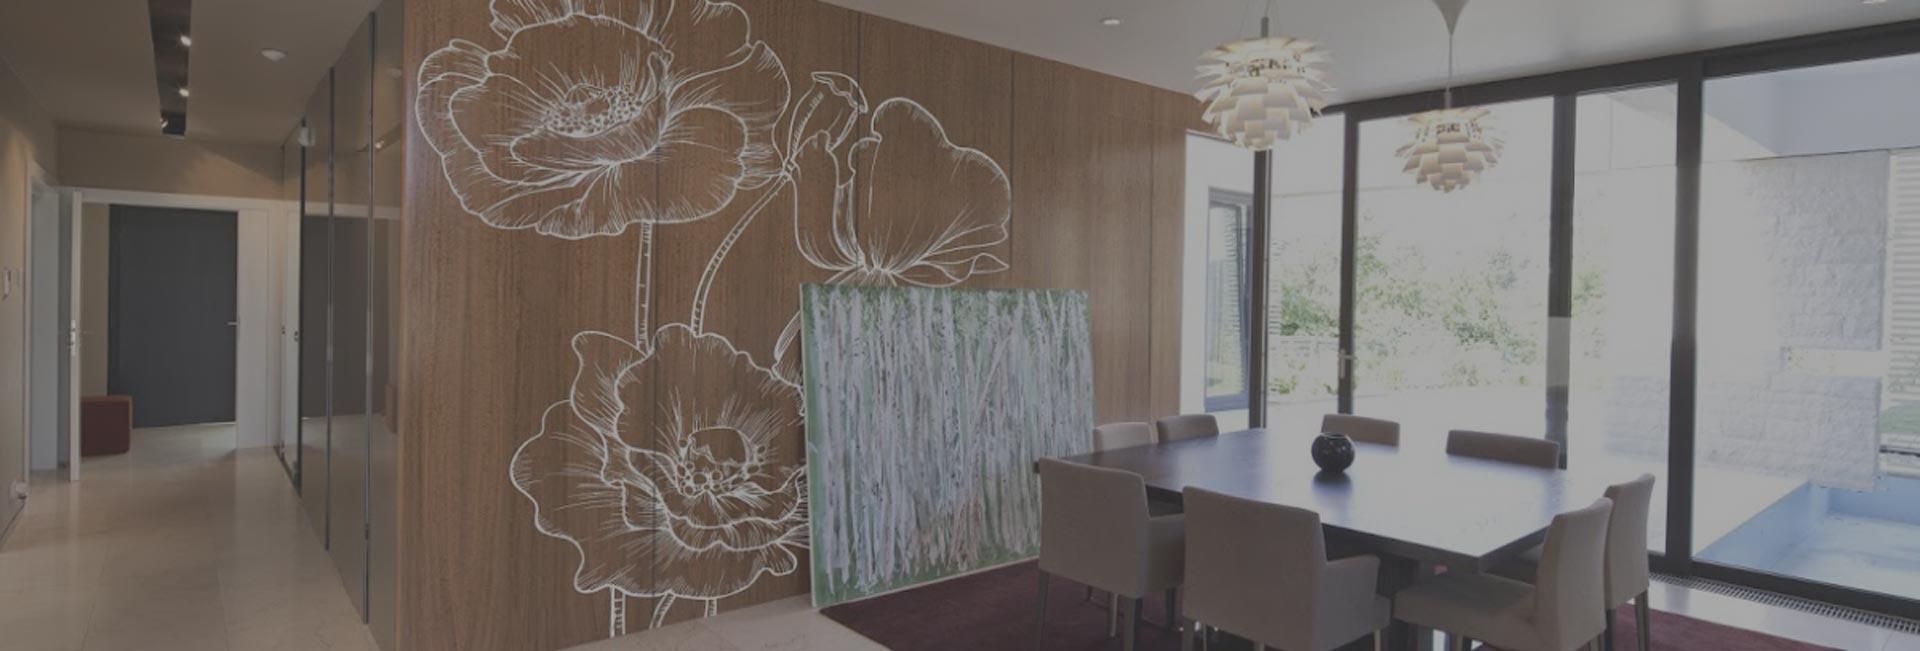 Panele ścienne Dekoracje Na ściany Abc Dom